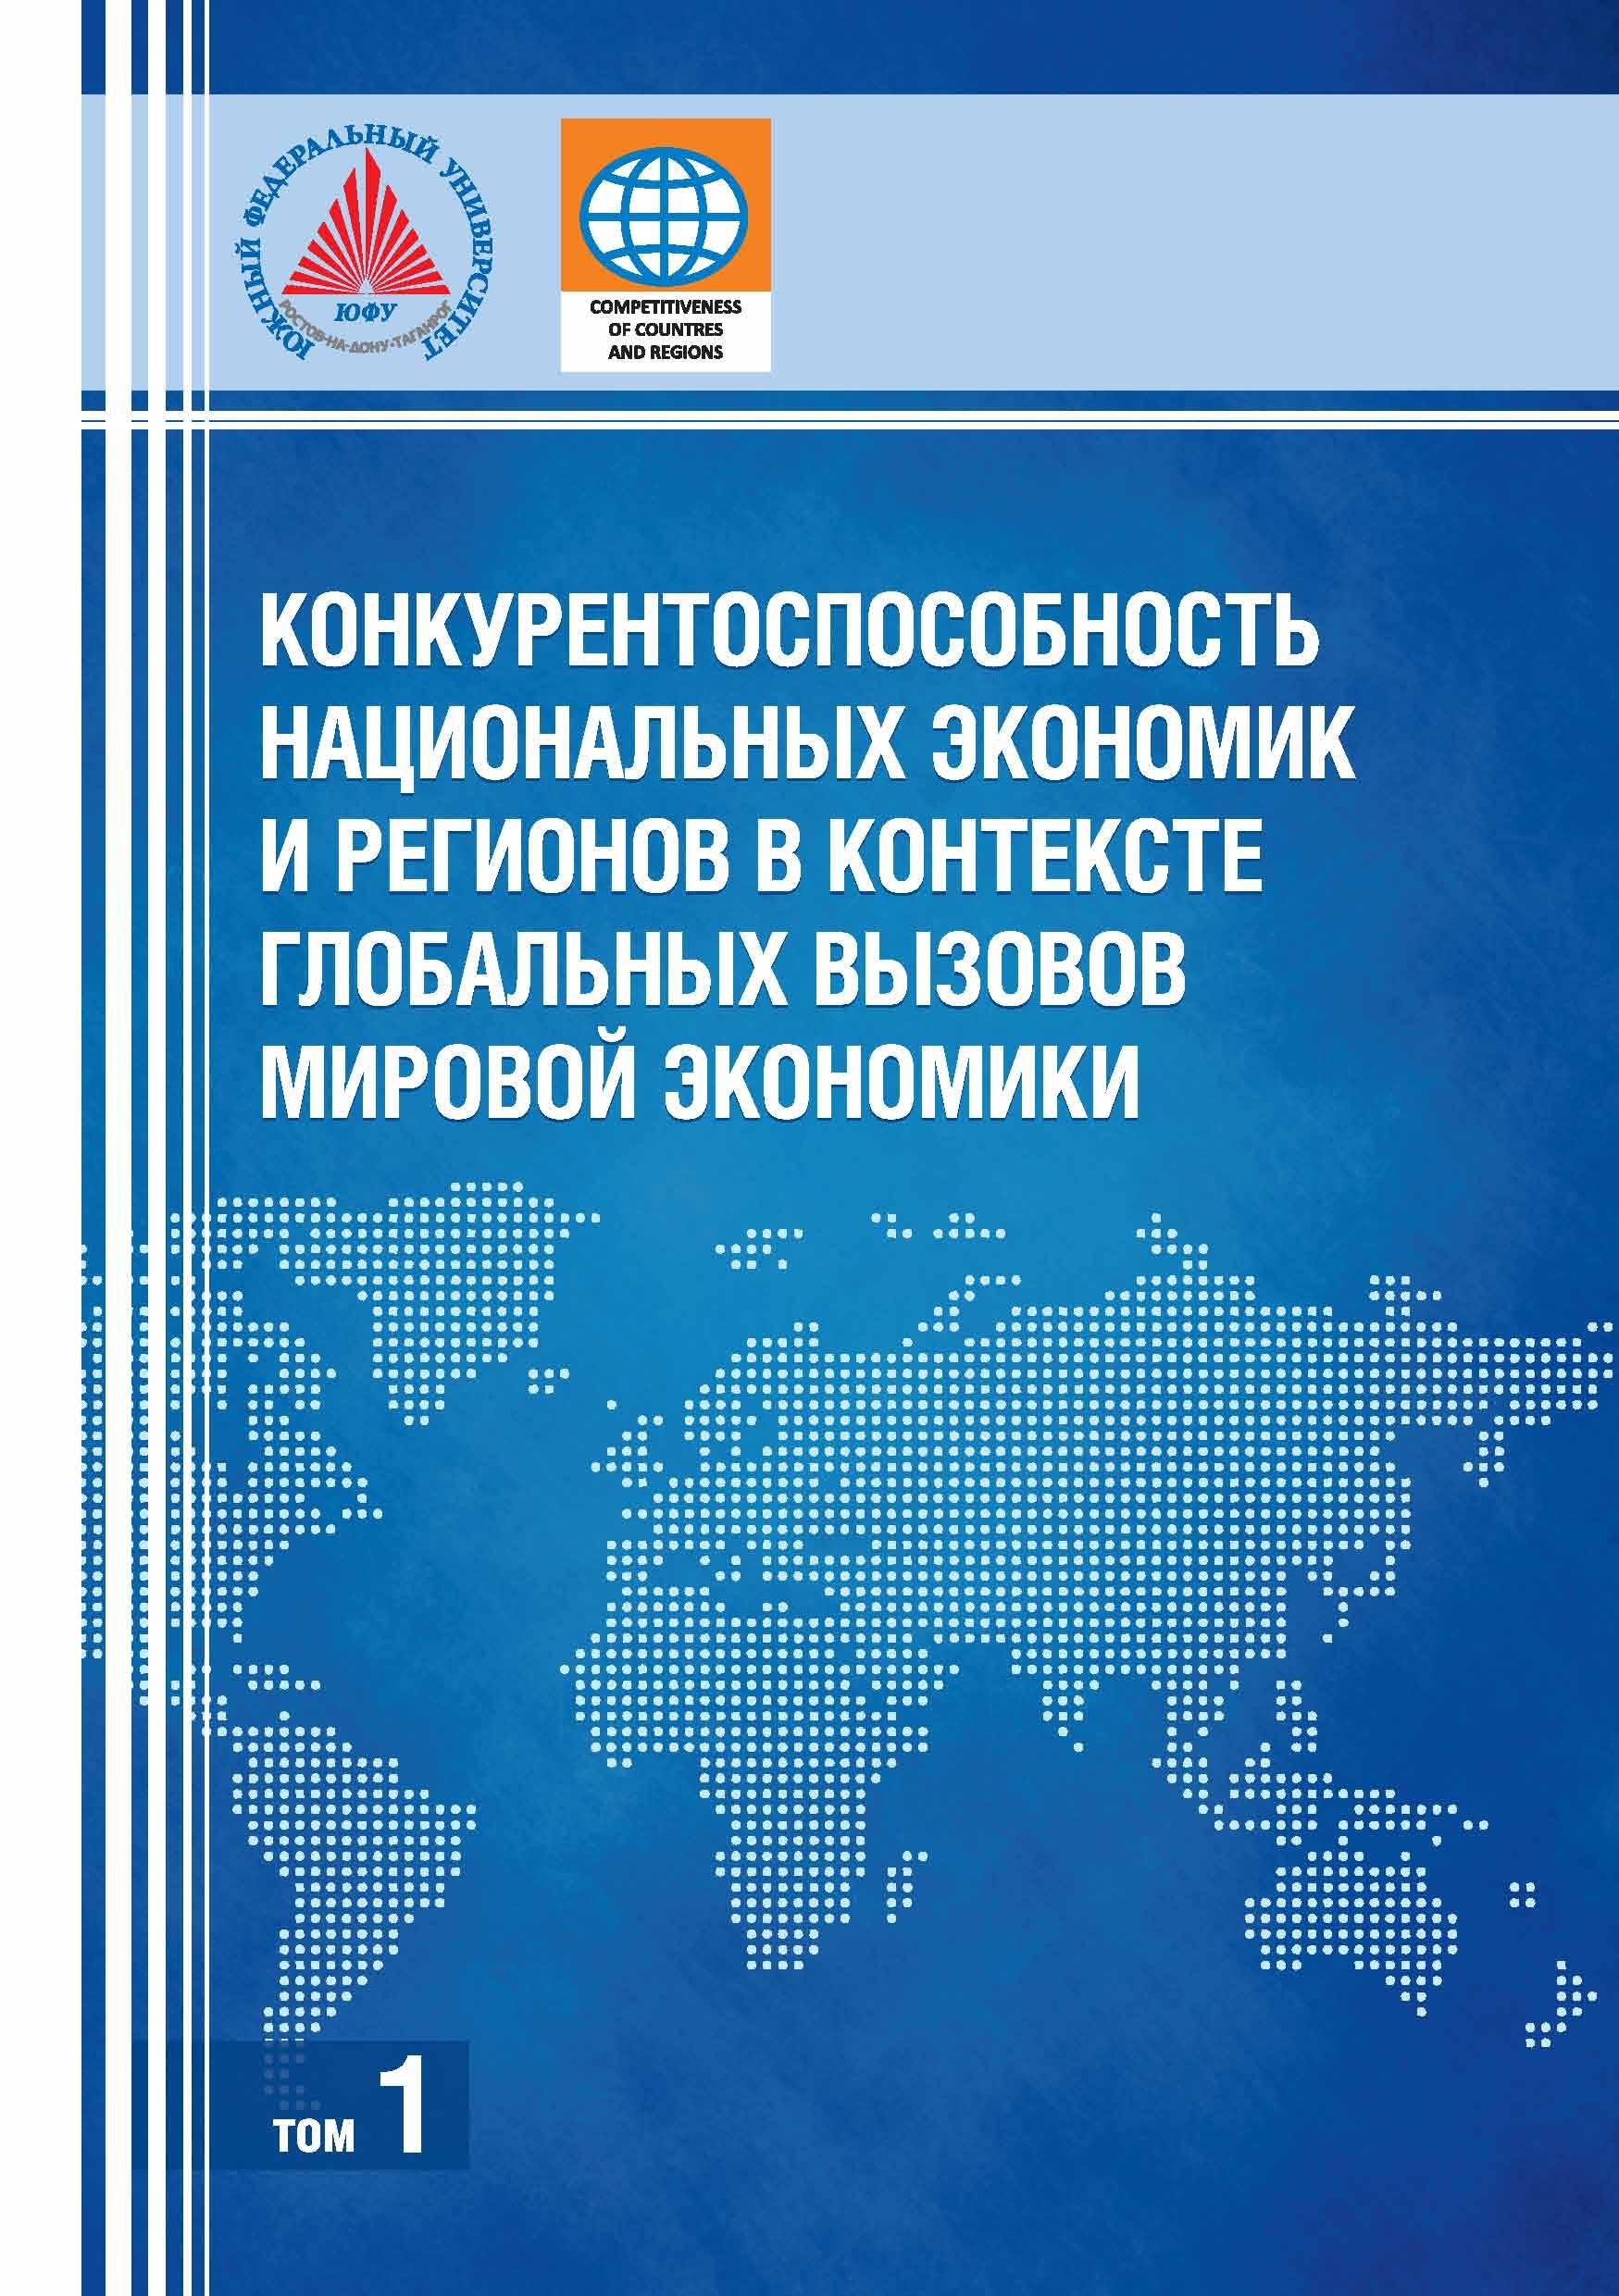 Коллектив авторов Конкурентоспособность национальных экономик и регионов в контексте глобальных вызовов мировой экономики. Том 1 коллектив авторов экологические проблемы горнопромышленных регионов